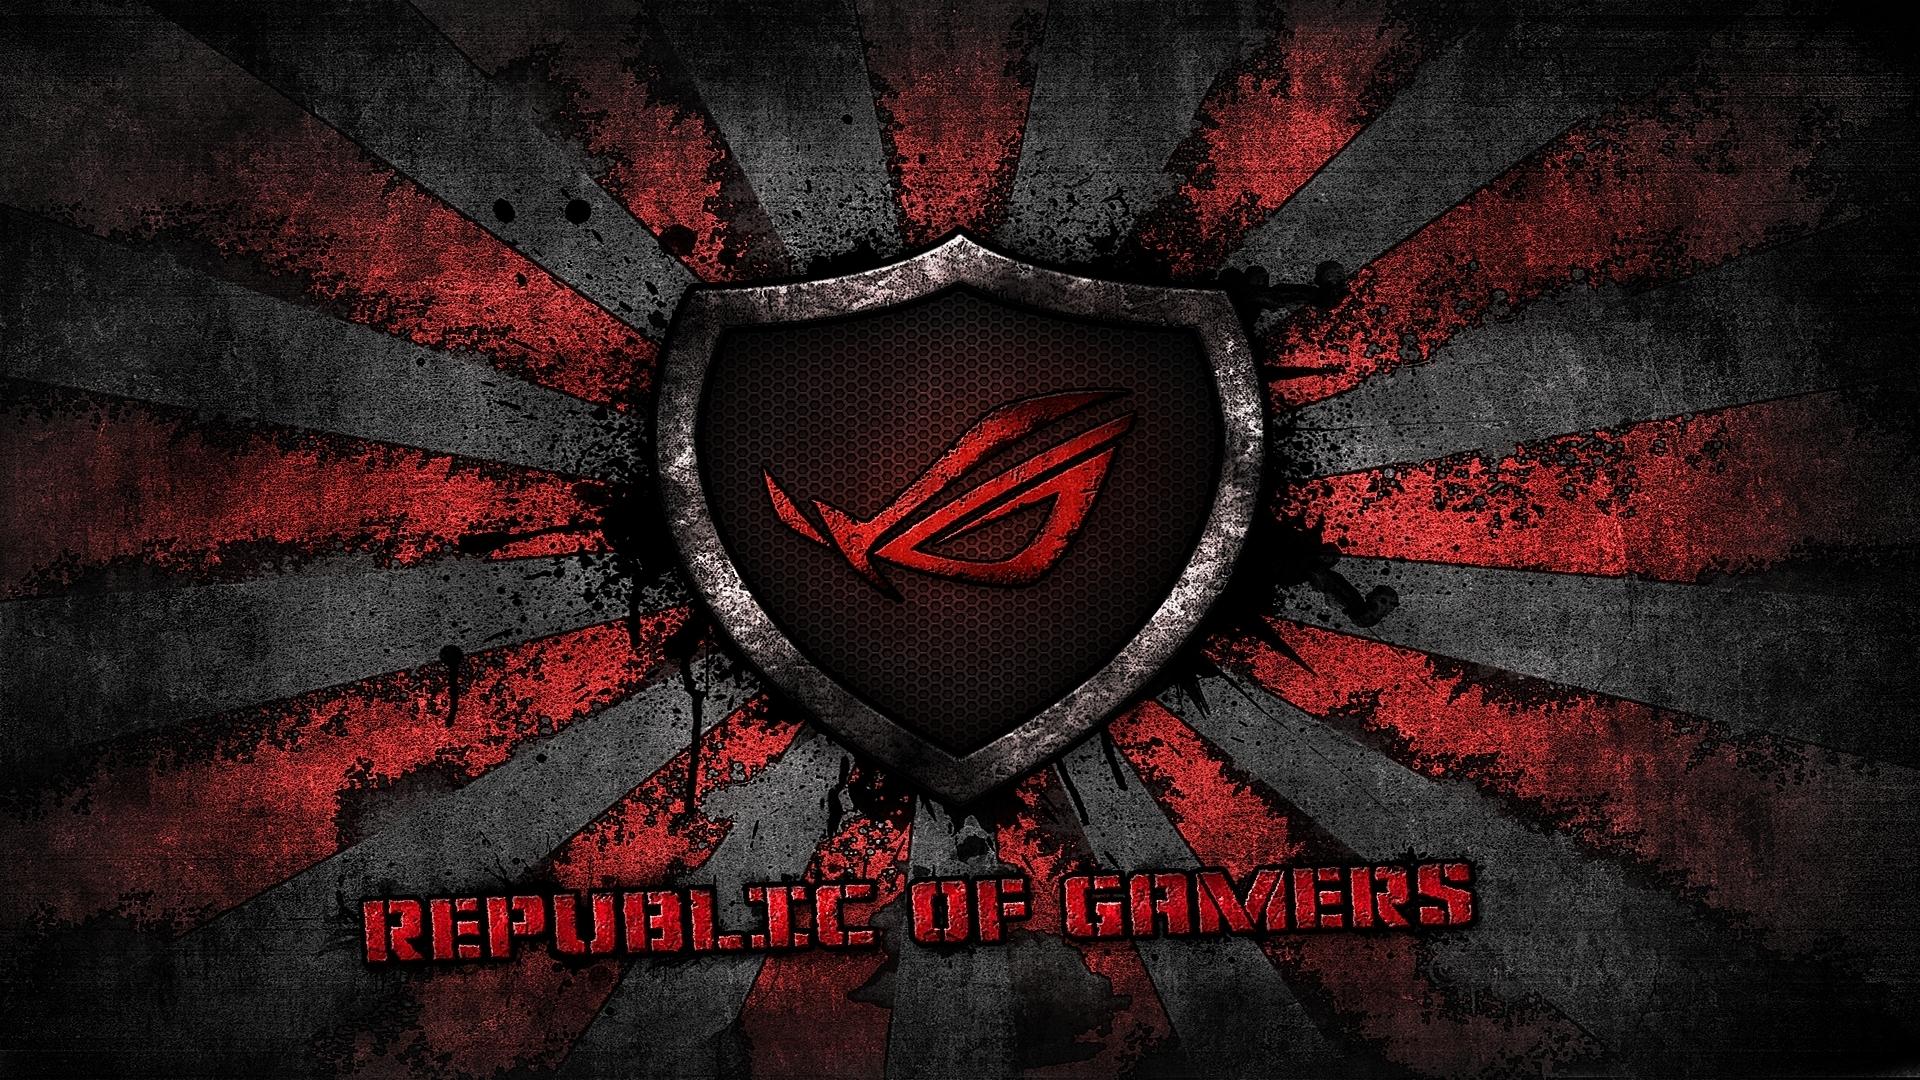 Logo Rog Asus Gamer Republic Of Gamers Computer Wallpaper